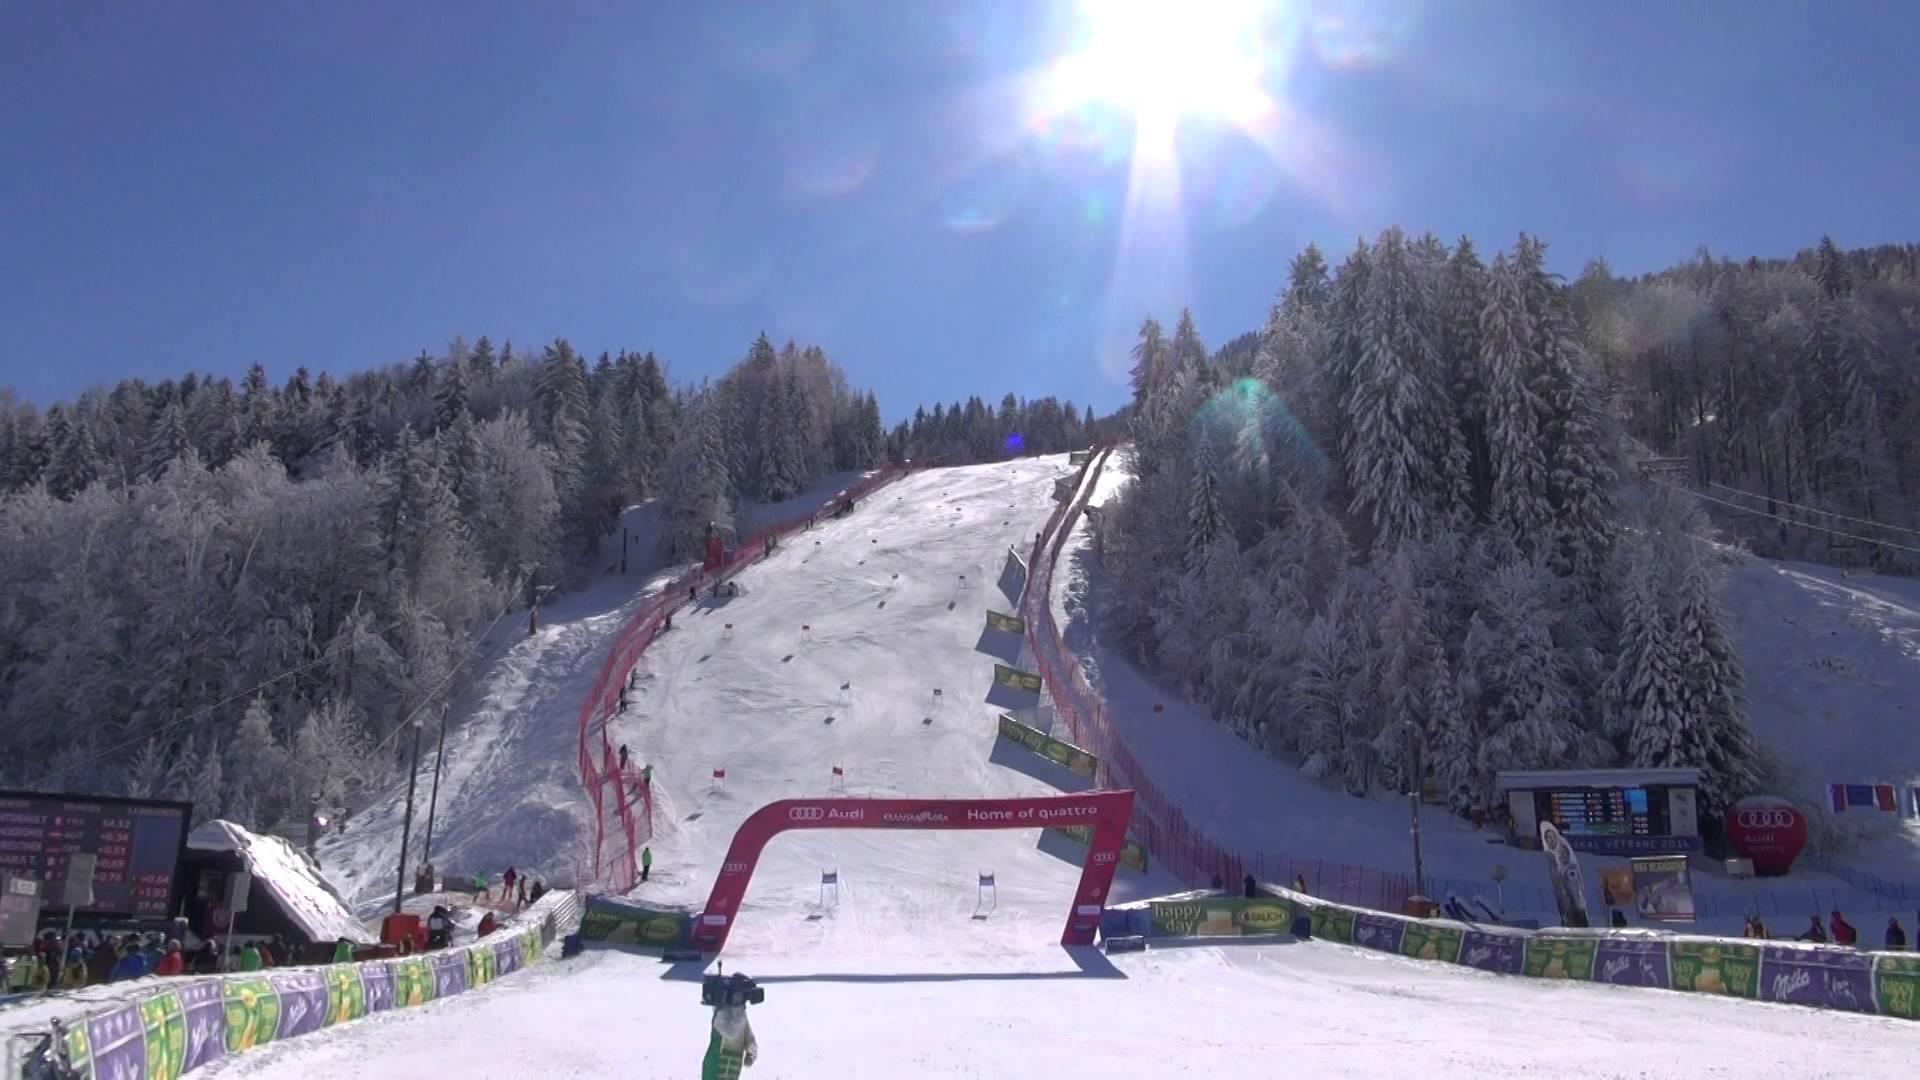 SLOSKI skier Žan Kranjec make up to the 16th place at the GS race Vitranc Cup 2016. Žan Kranjec se je pred domačo publiko na Pokalu Vitranc 2016 uvrstil na 16. mesto.